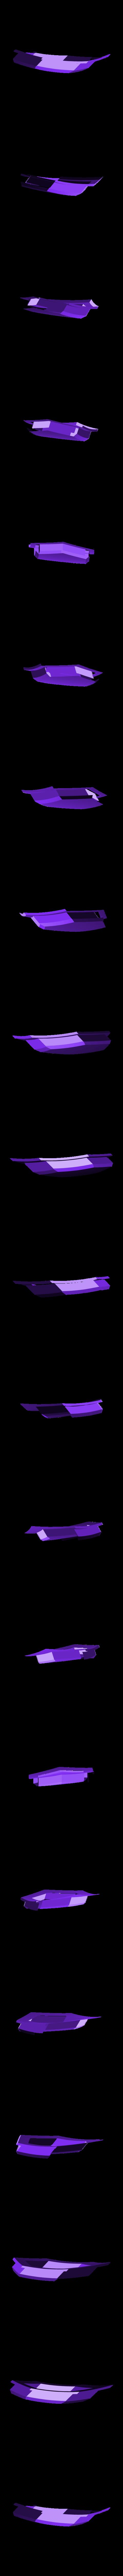 gem2.stl Télécharger fichier STL gratuit Thunder Helm - Zelda Breath of The Wild • Plan pour imprimante 3D, Adafruit